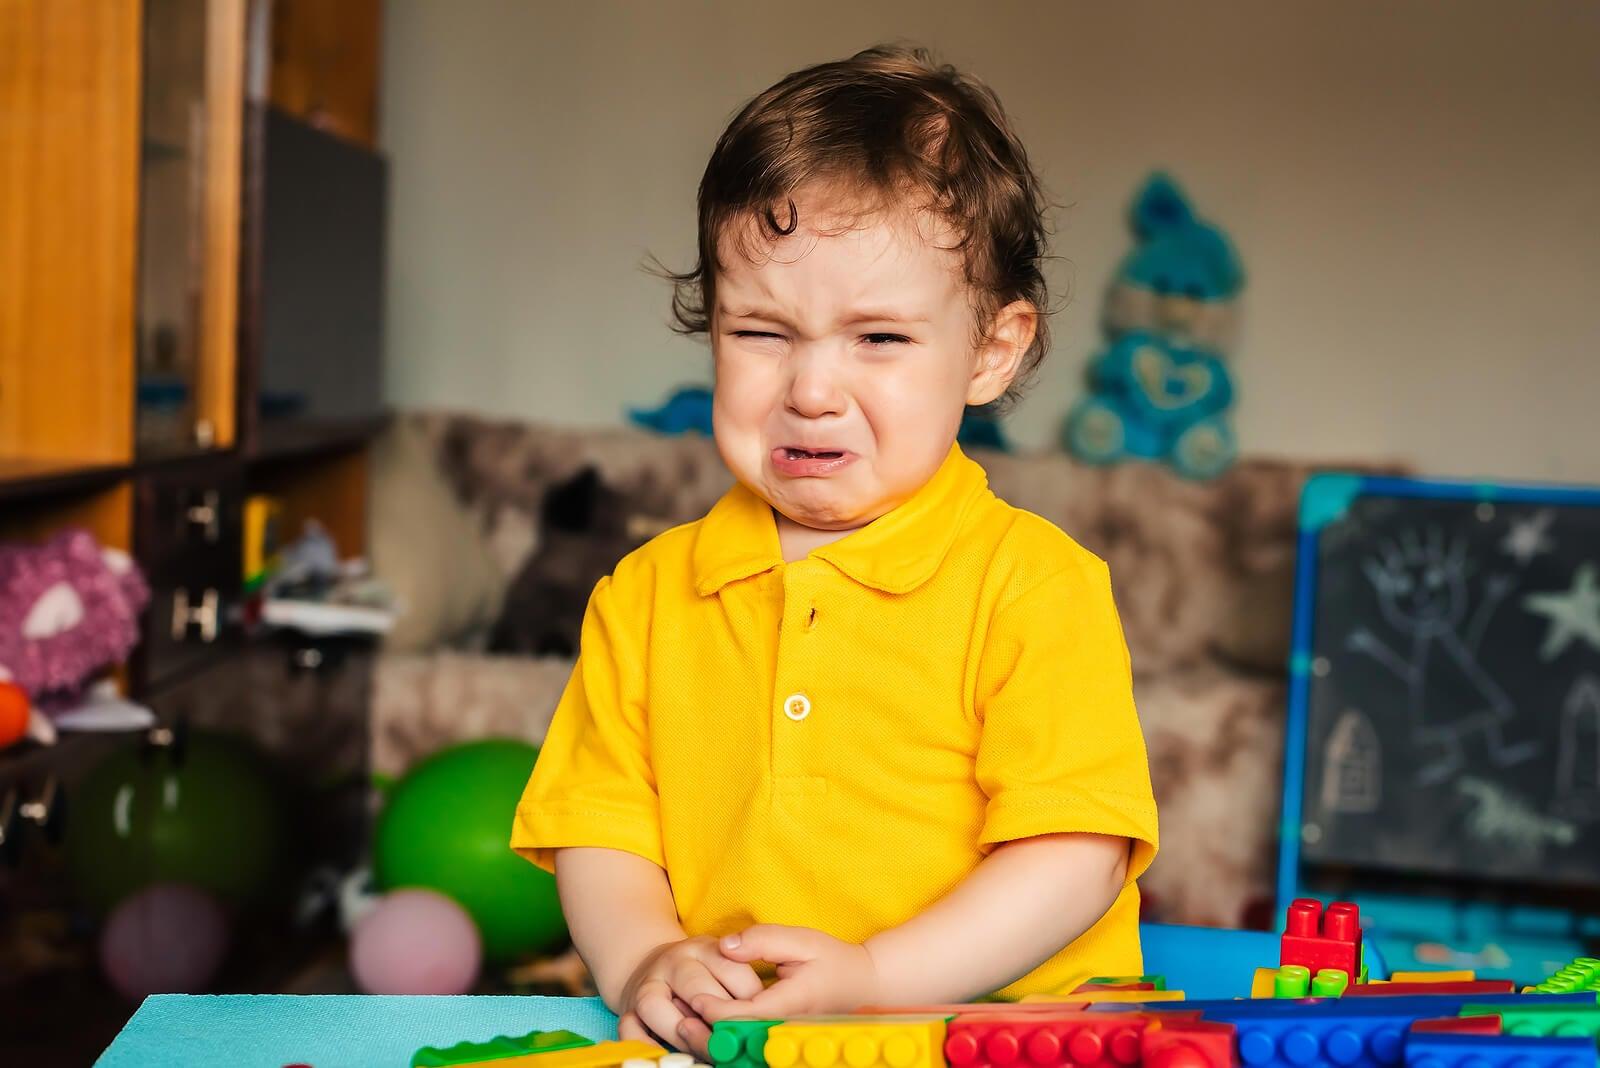 Niño enfadado llorando debido a la labilidad emocional.